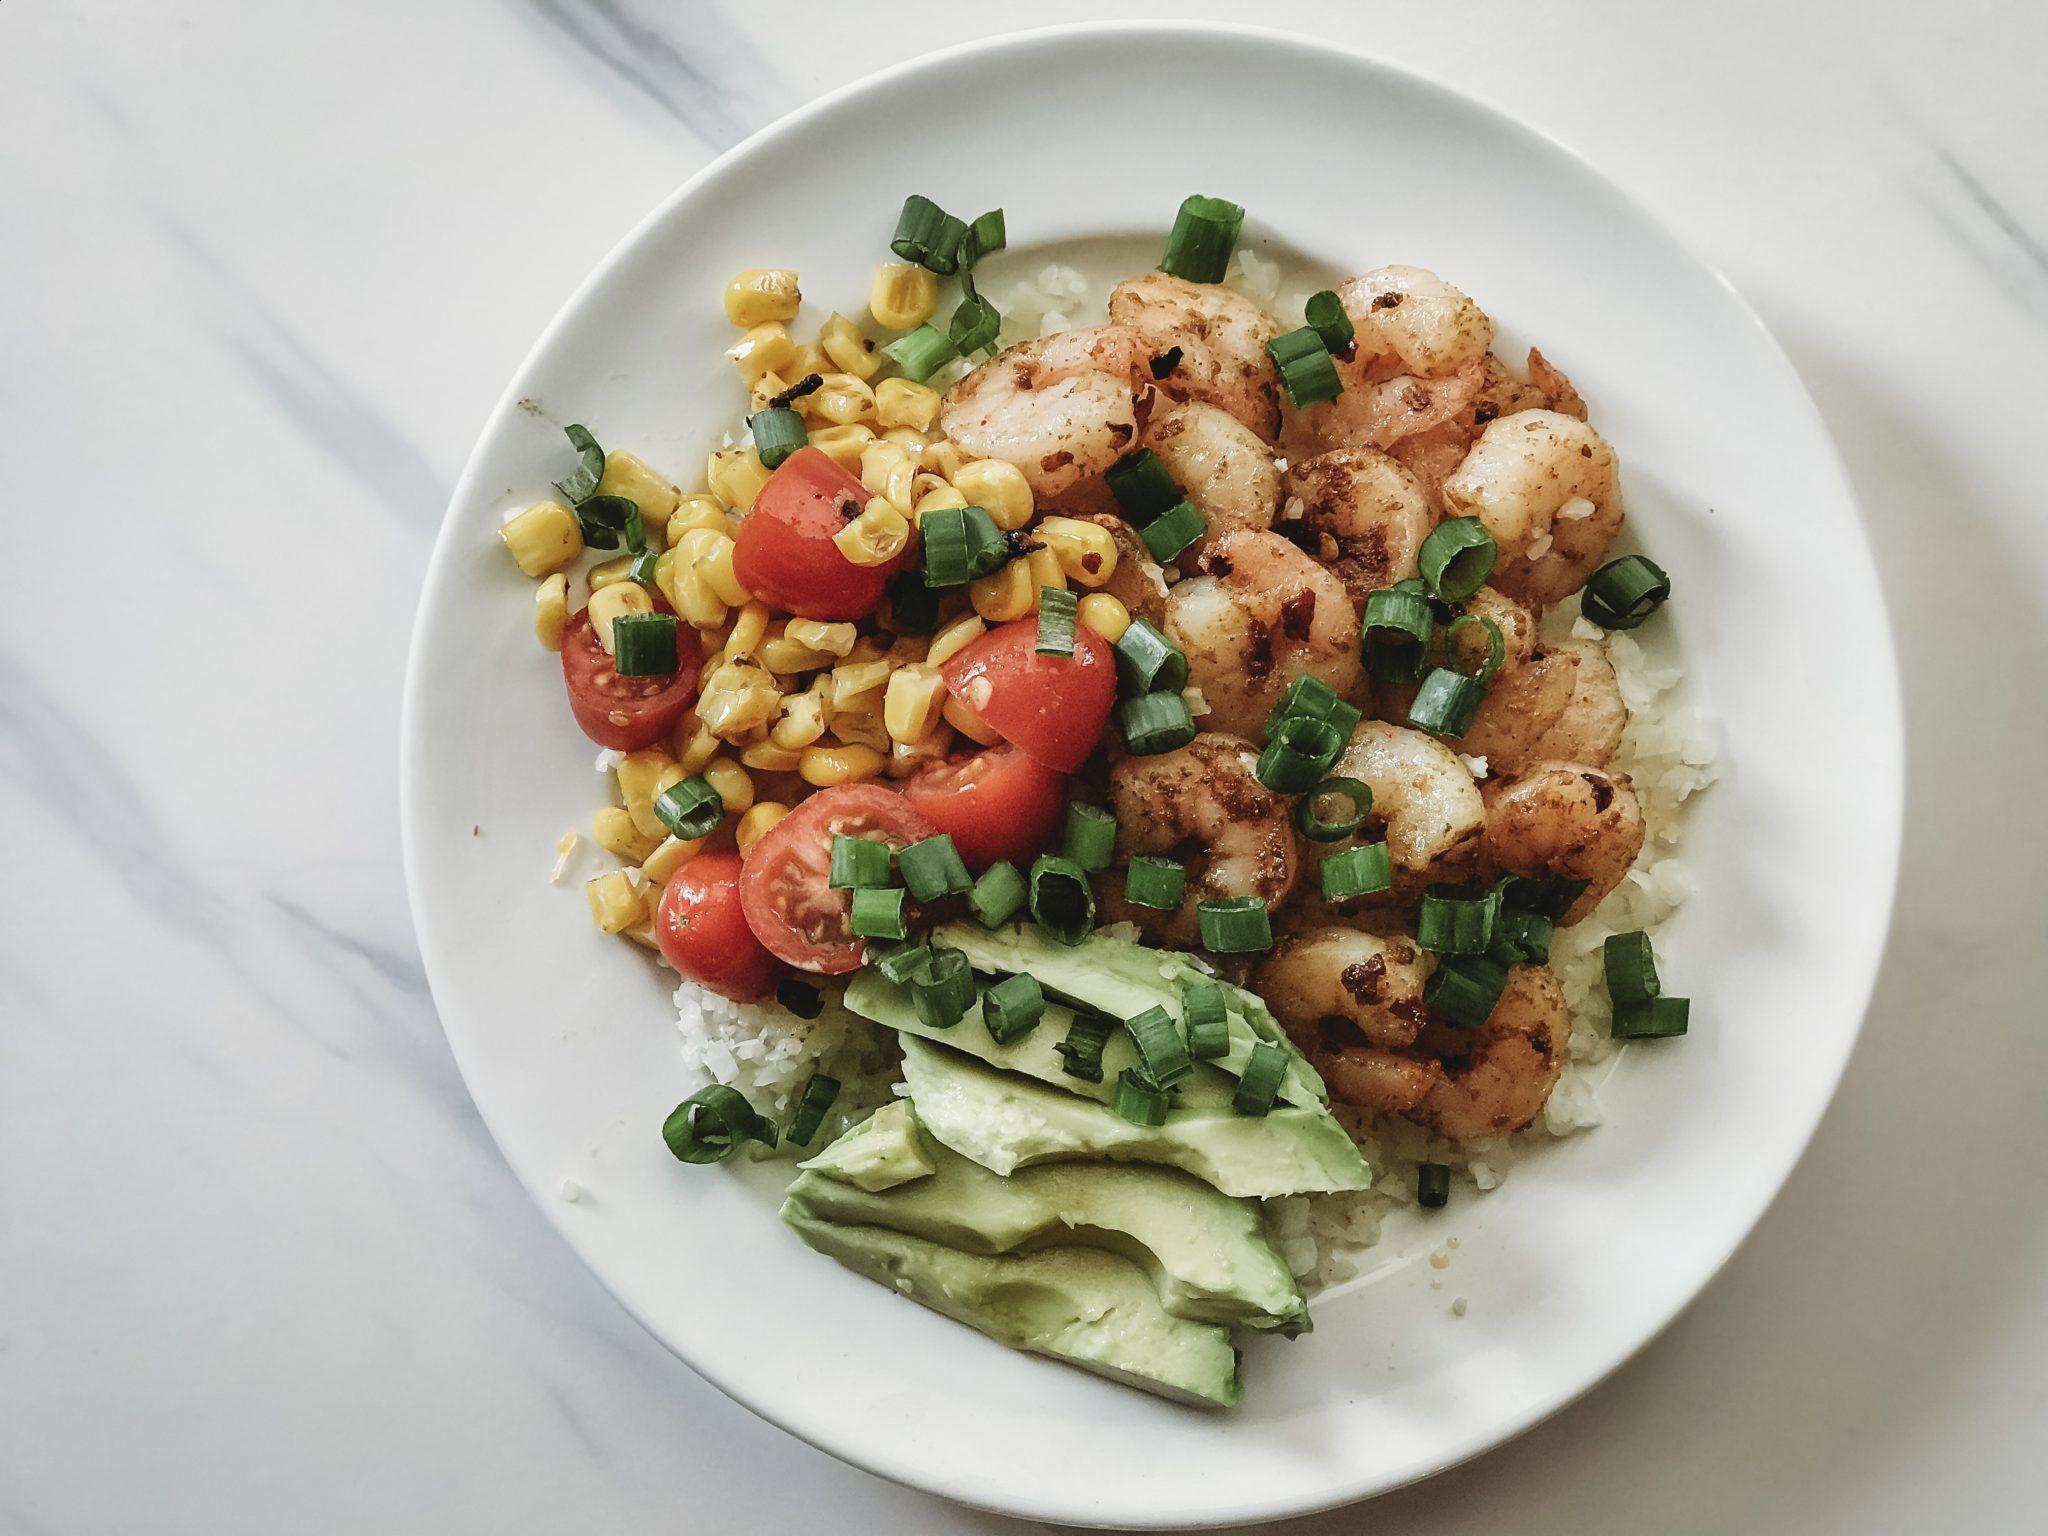 healthy shrimp taco bowl, shrimp burrito bowl, cauliflower rice bowl, shrimp bowl, taco tuesday recipes